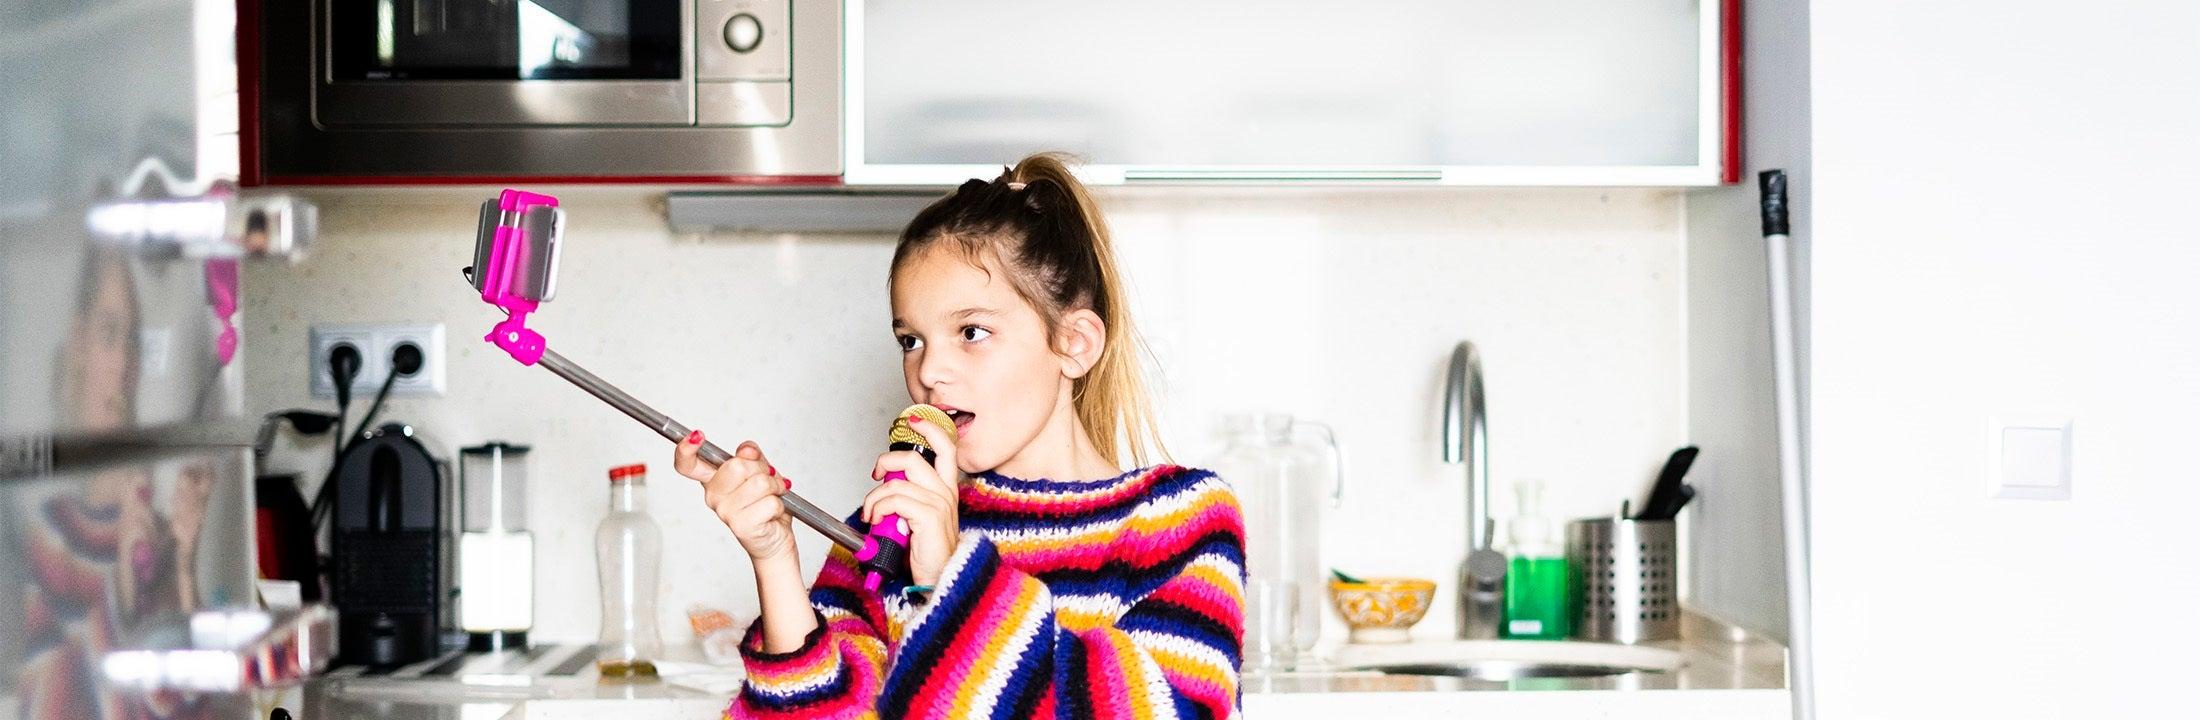 Meisje in de keuken met microfoon en telefoon op selfiestick zet zichzelf op de foto